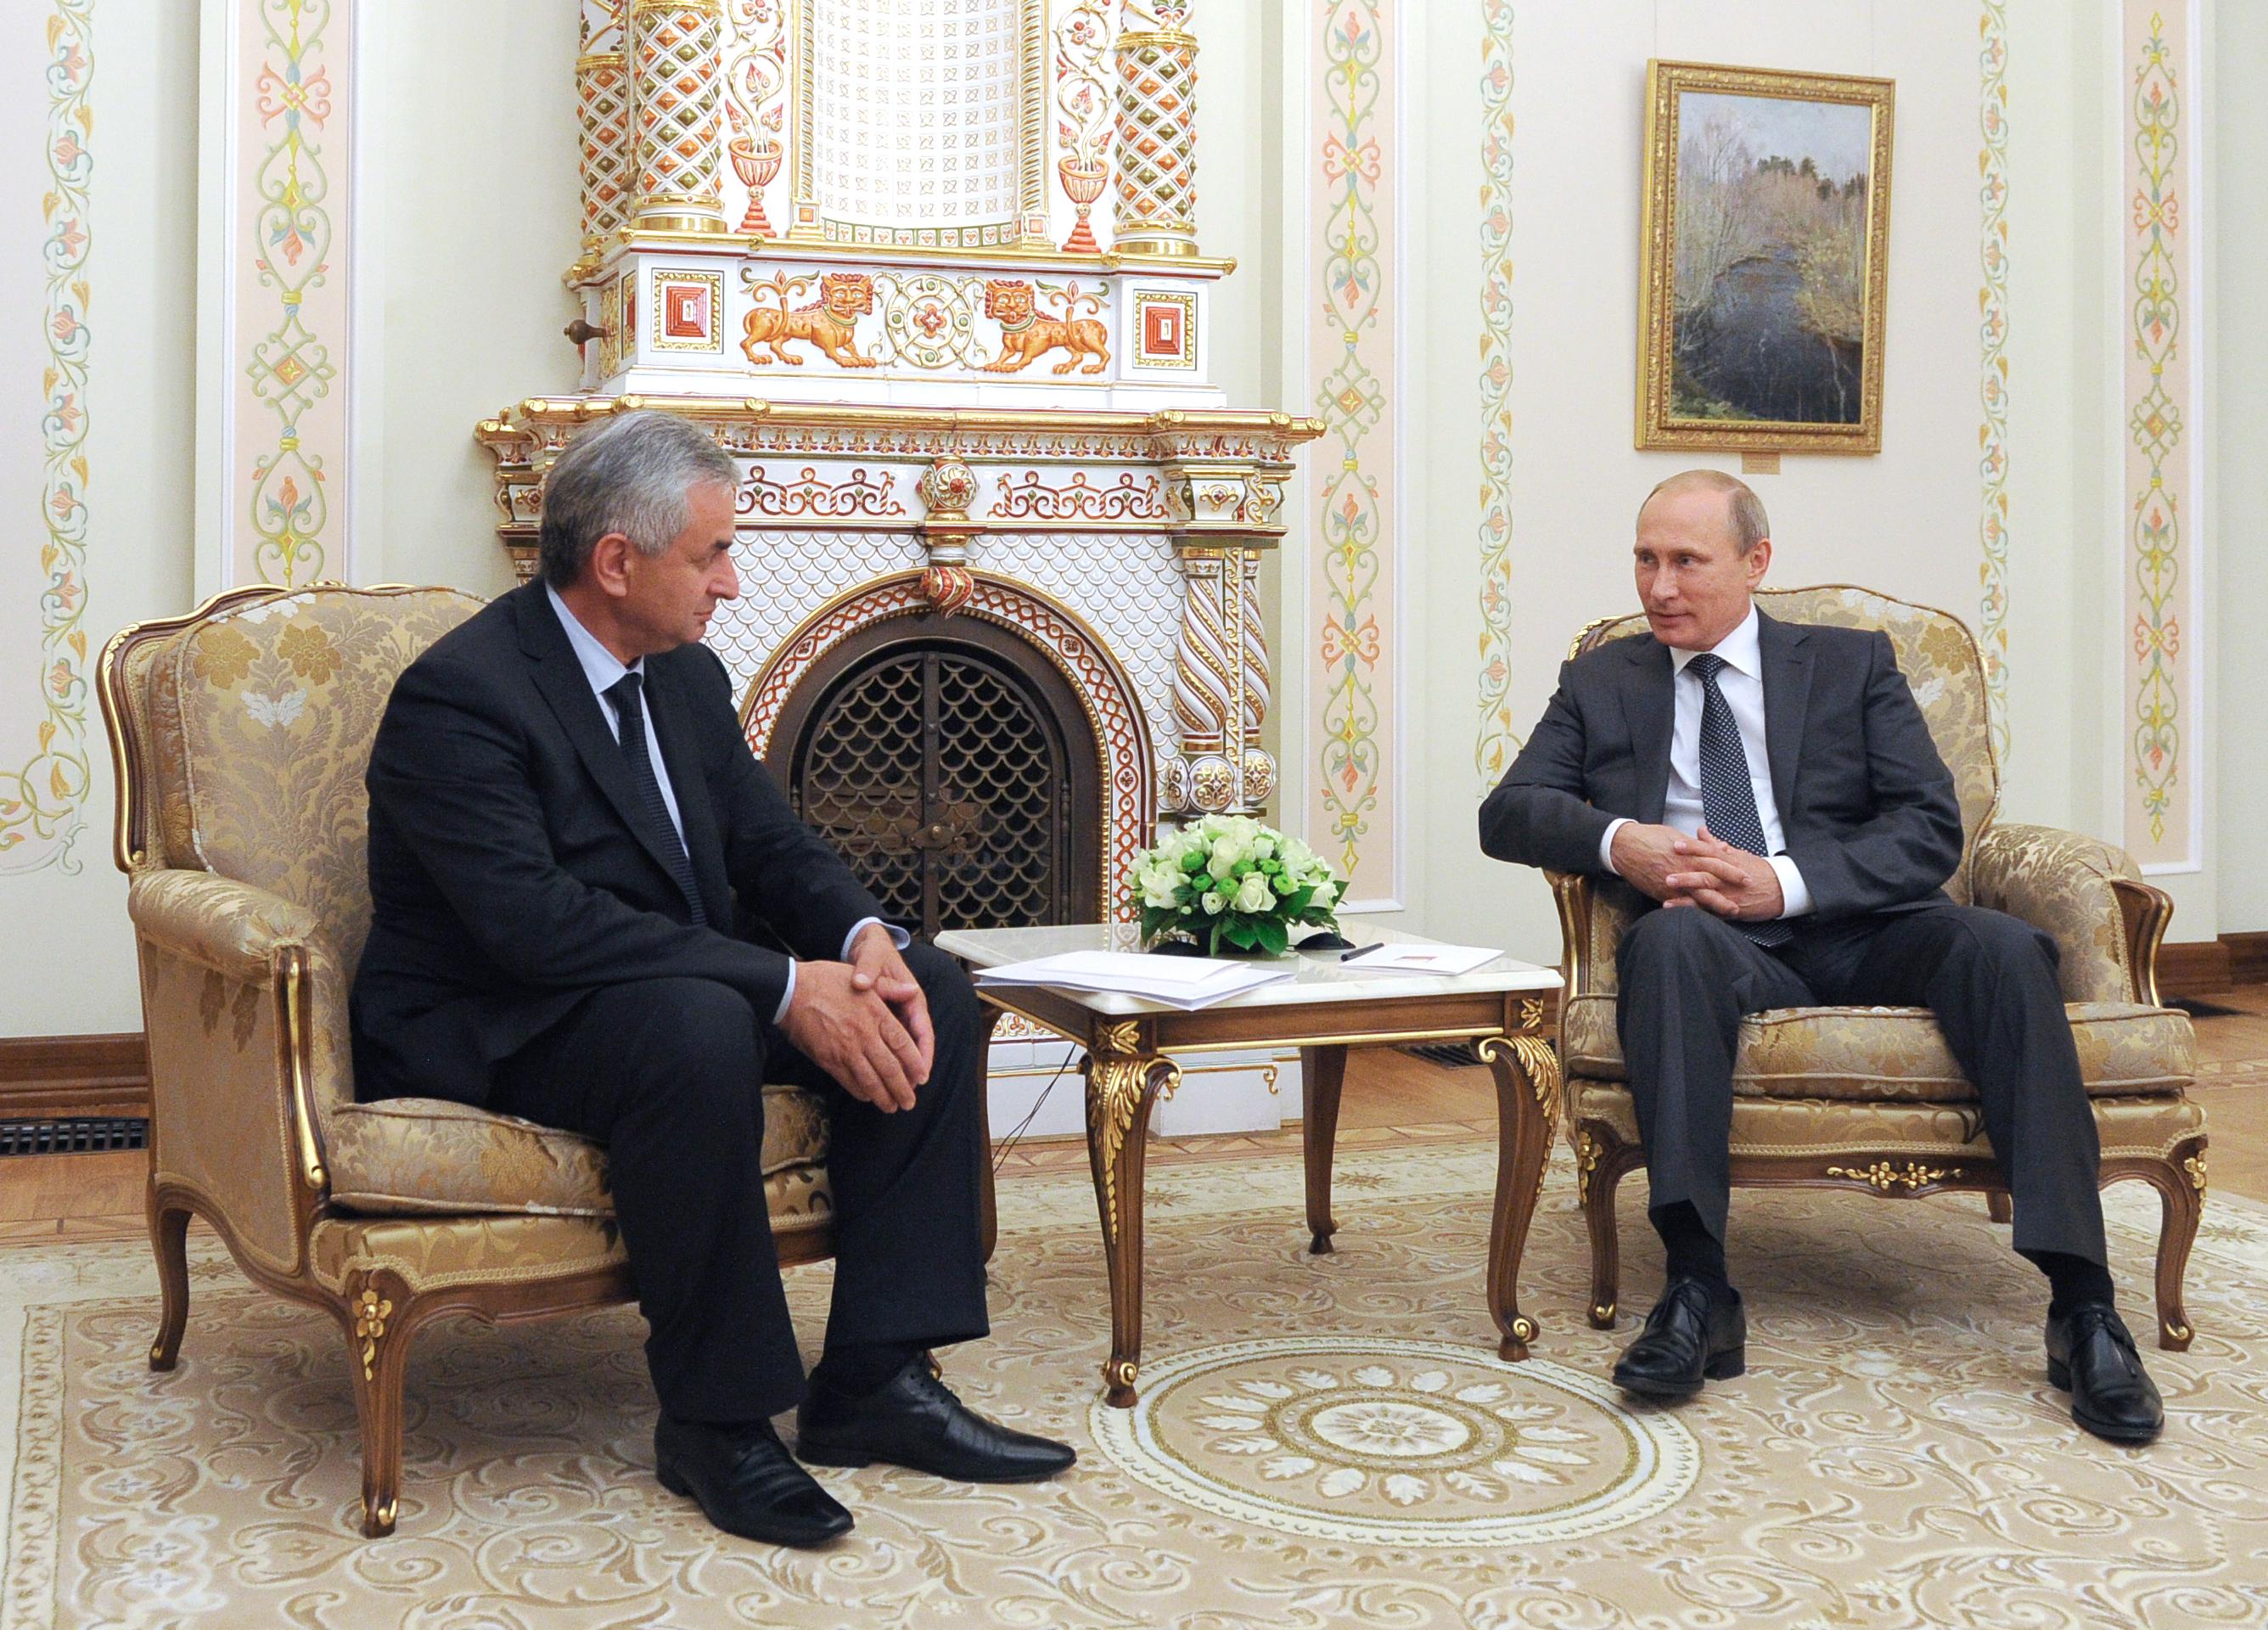 Президент России Владимир Путин и новоизбранный президент Абхазии Рауль Хаджимба во время встречи